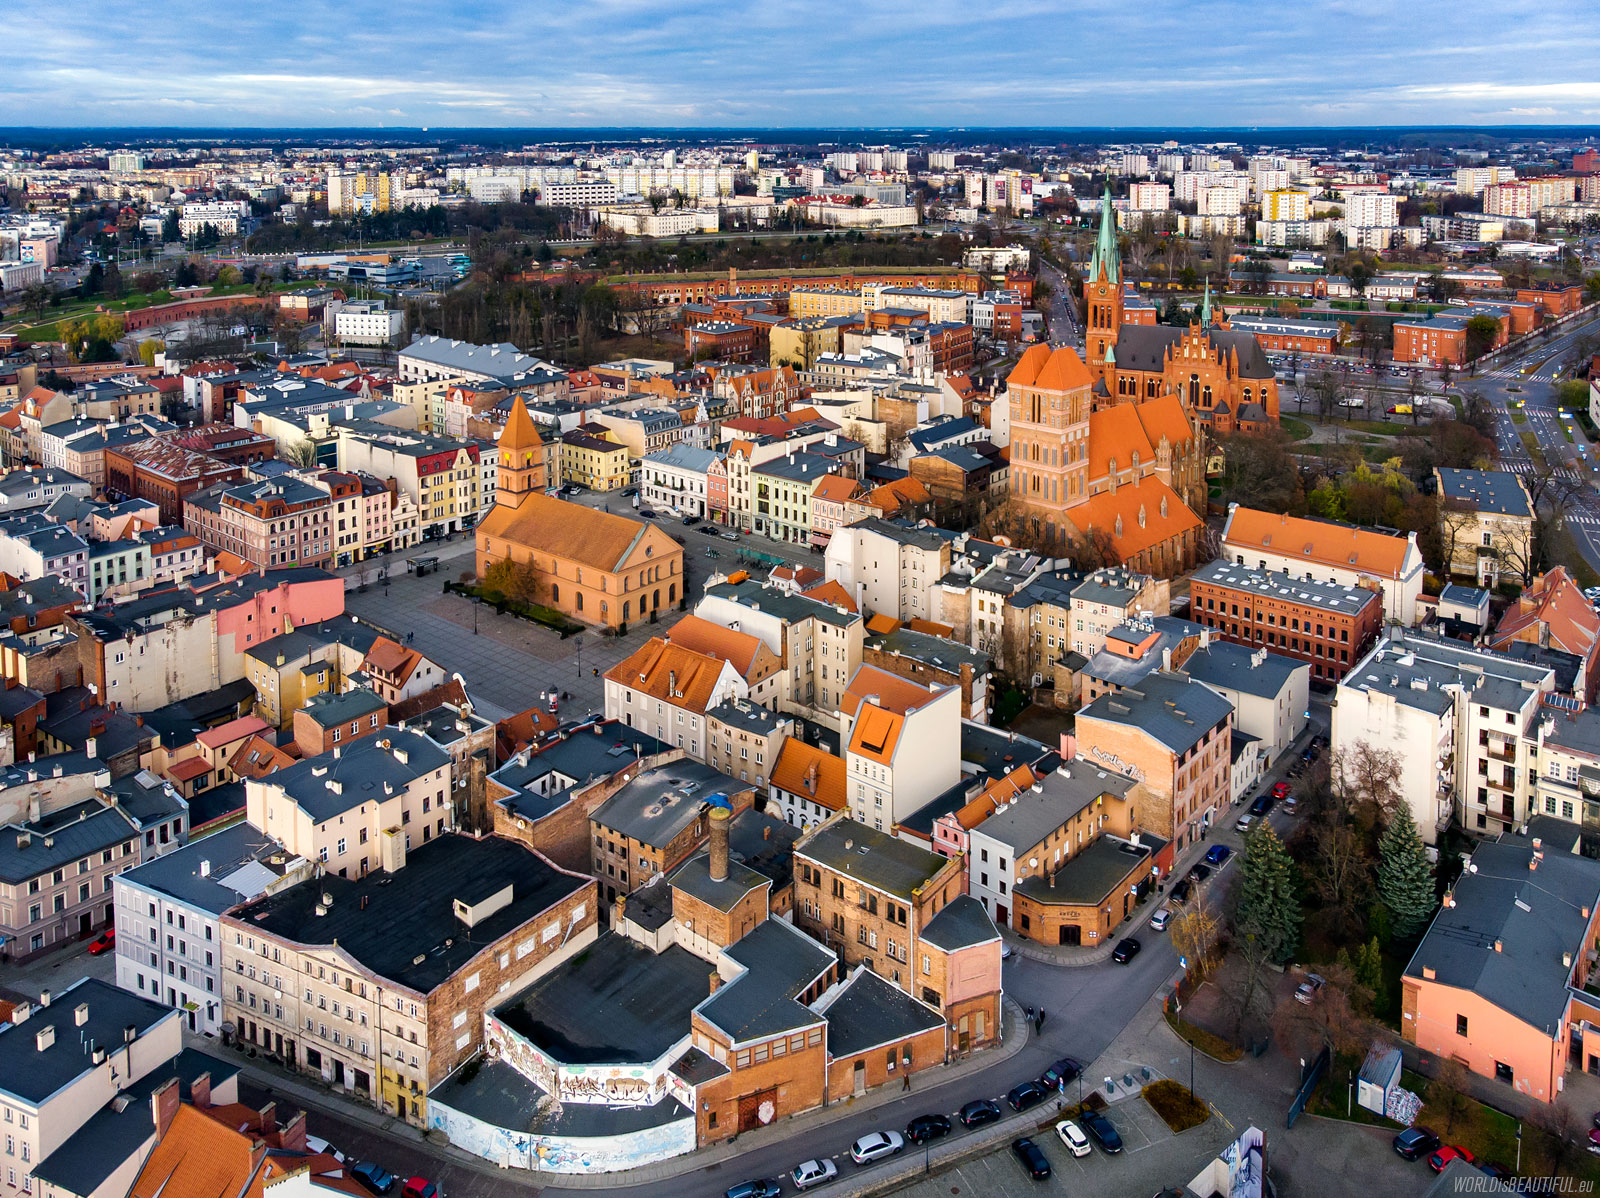 Flying a drone in Toruń